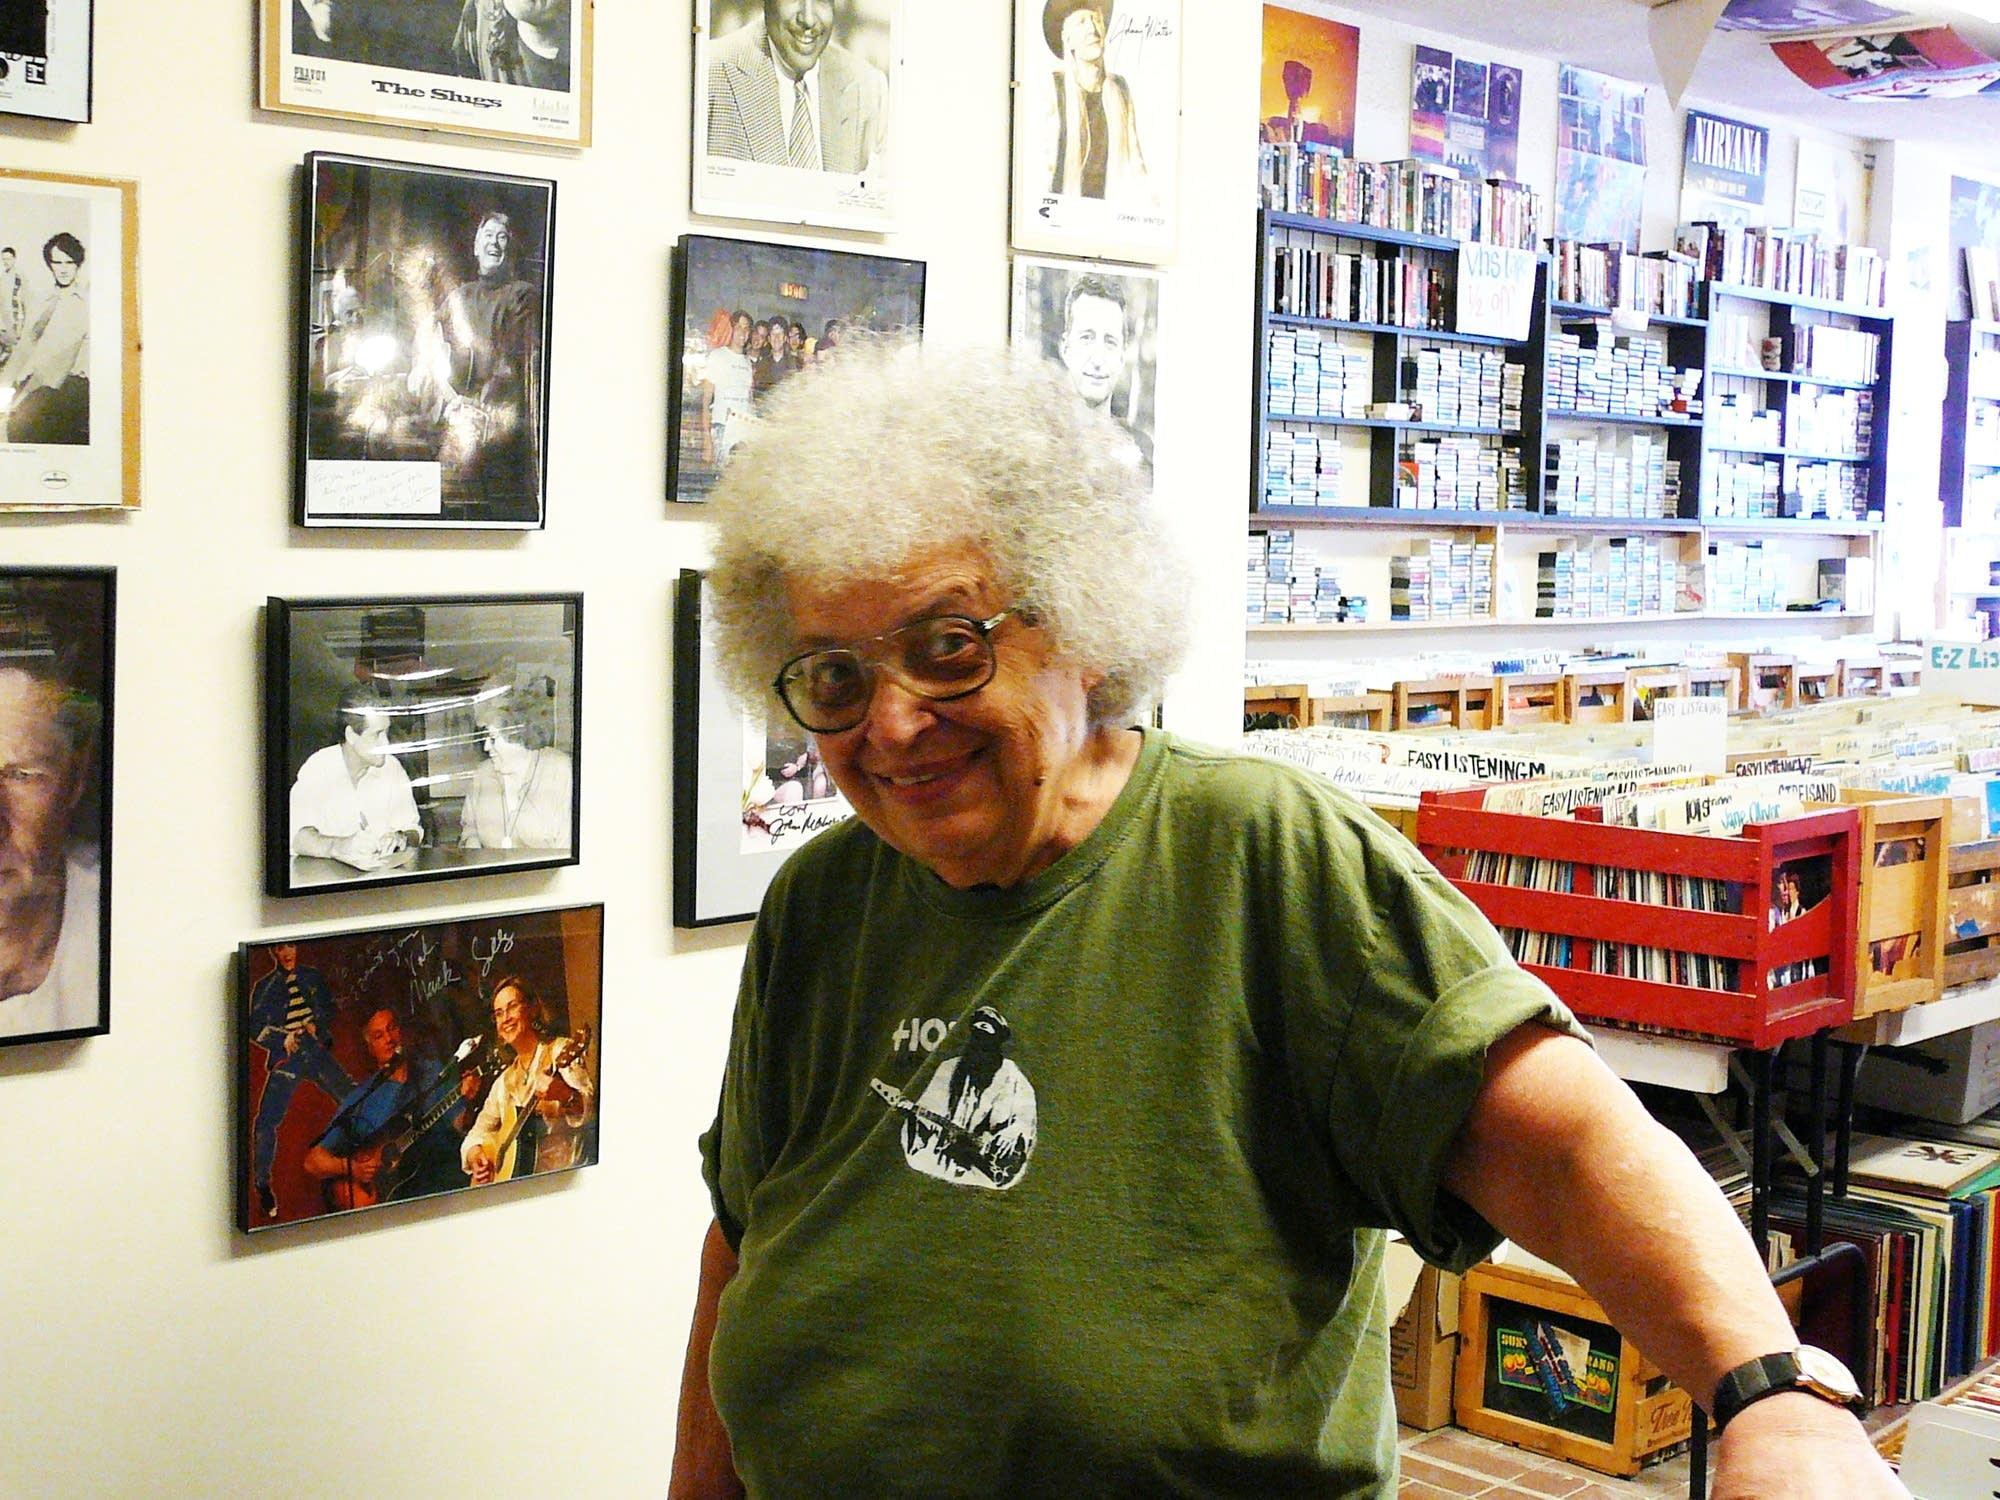 Val Camilletti of Val's Halla Records